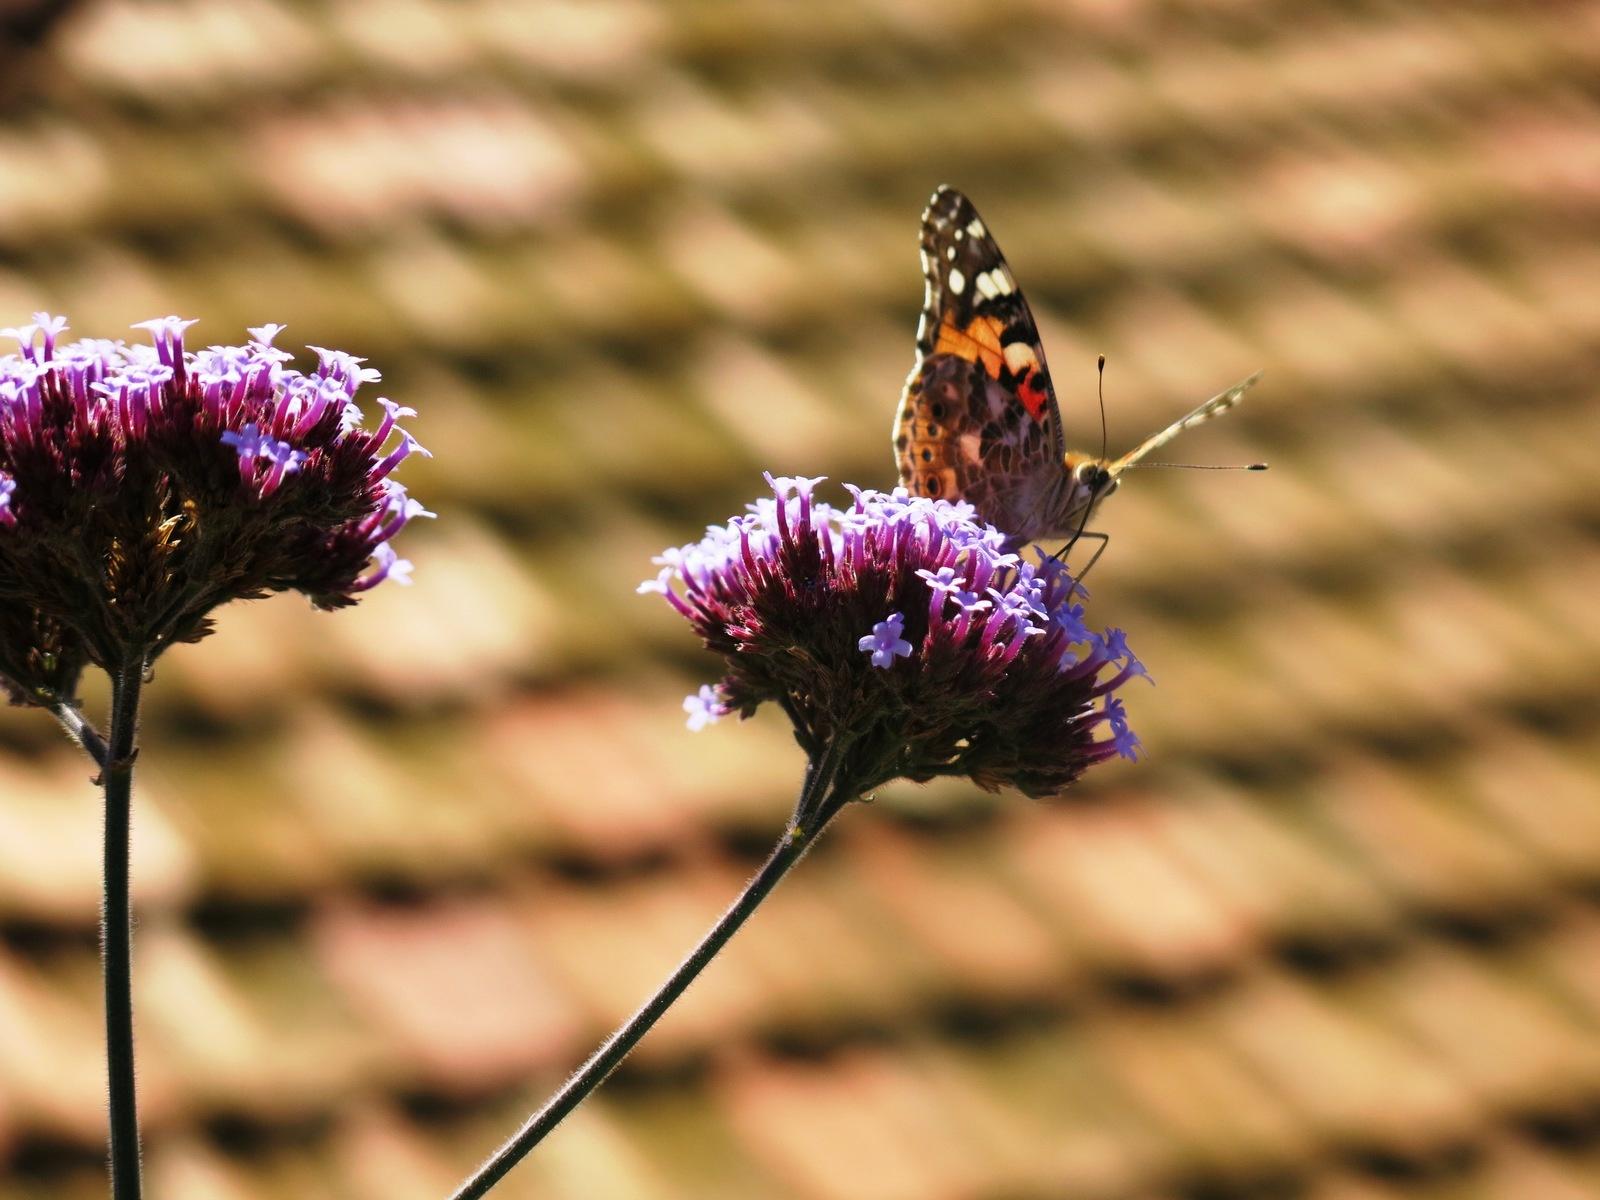 terre sainte en israel Faune et flore Papillon